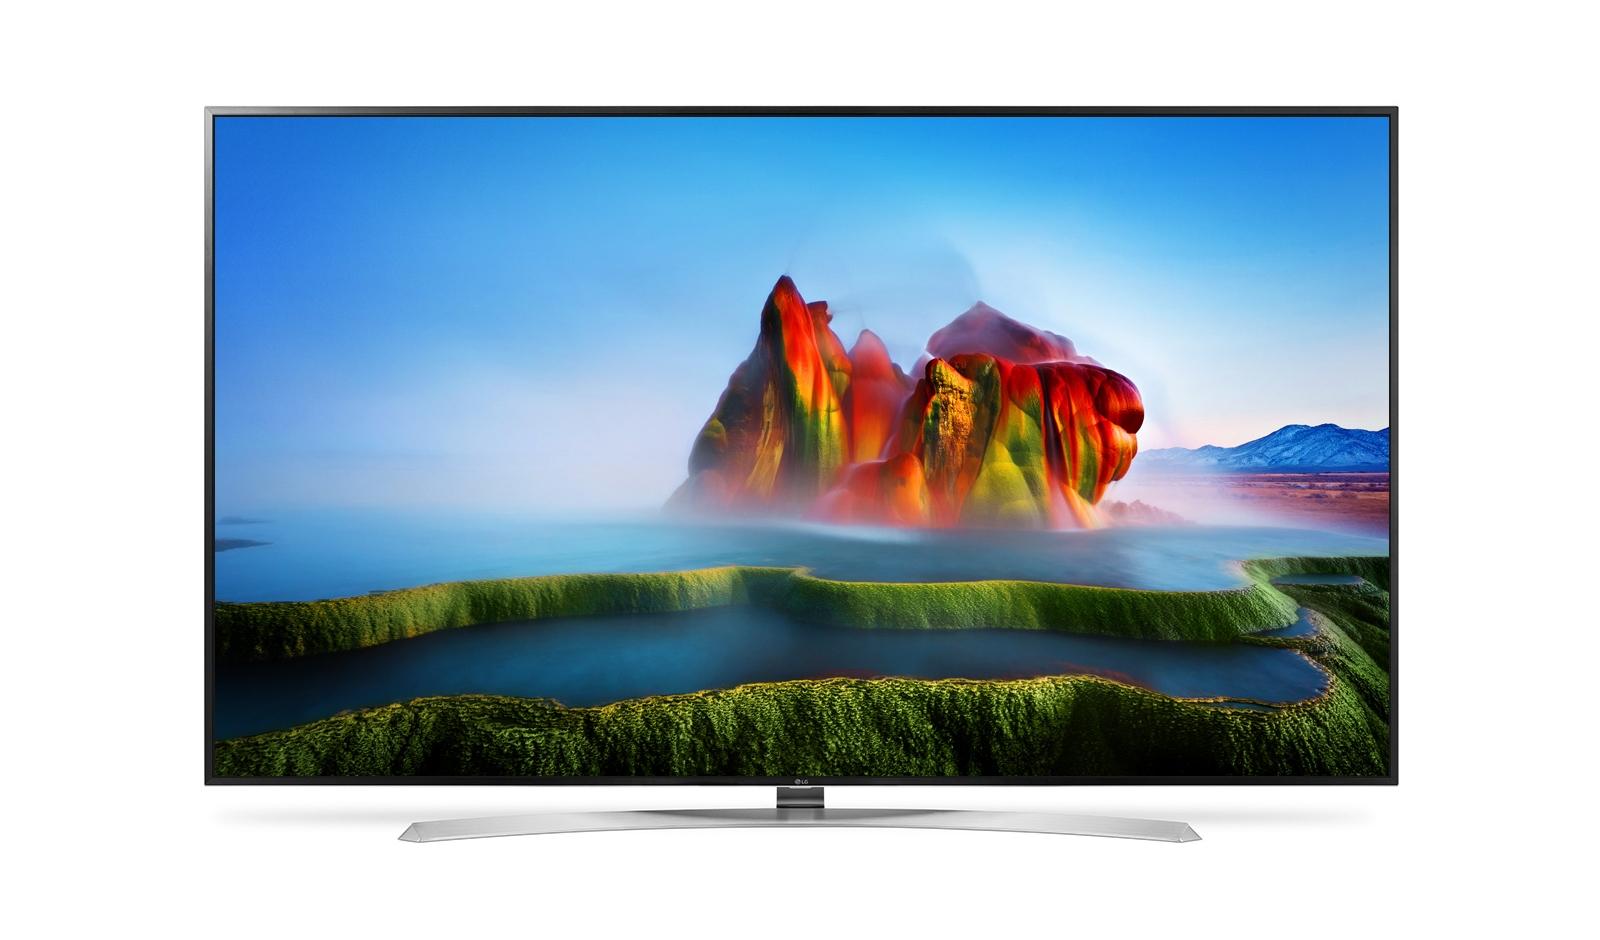 LG UHD TV 86 inch 86SJ957T Model